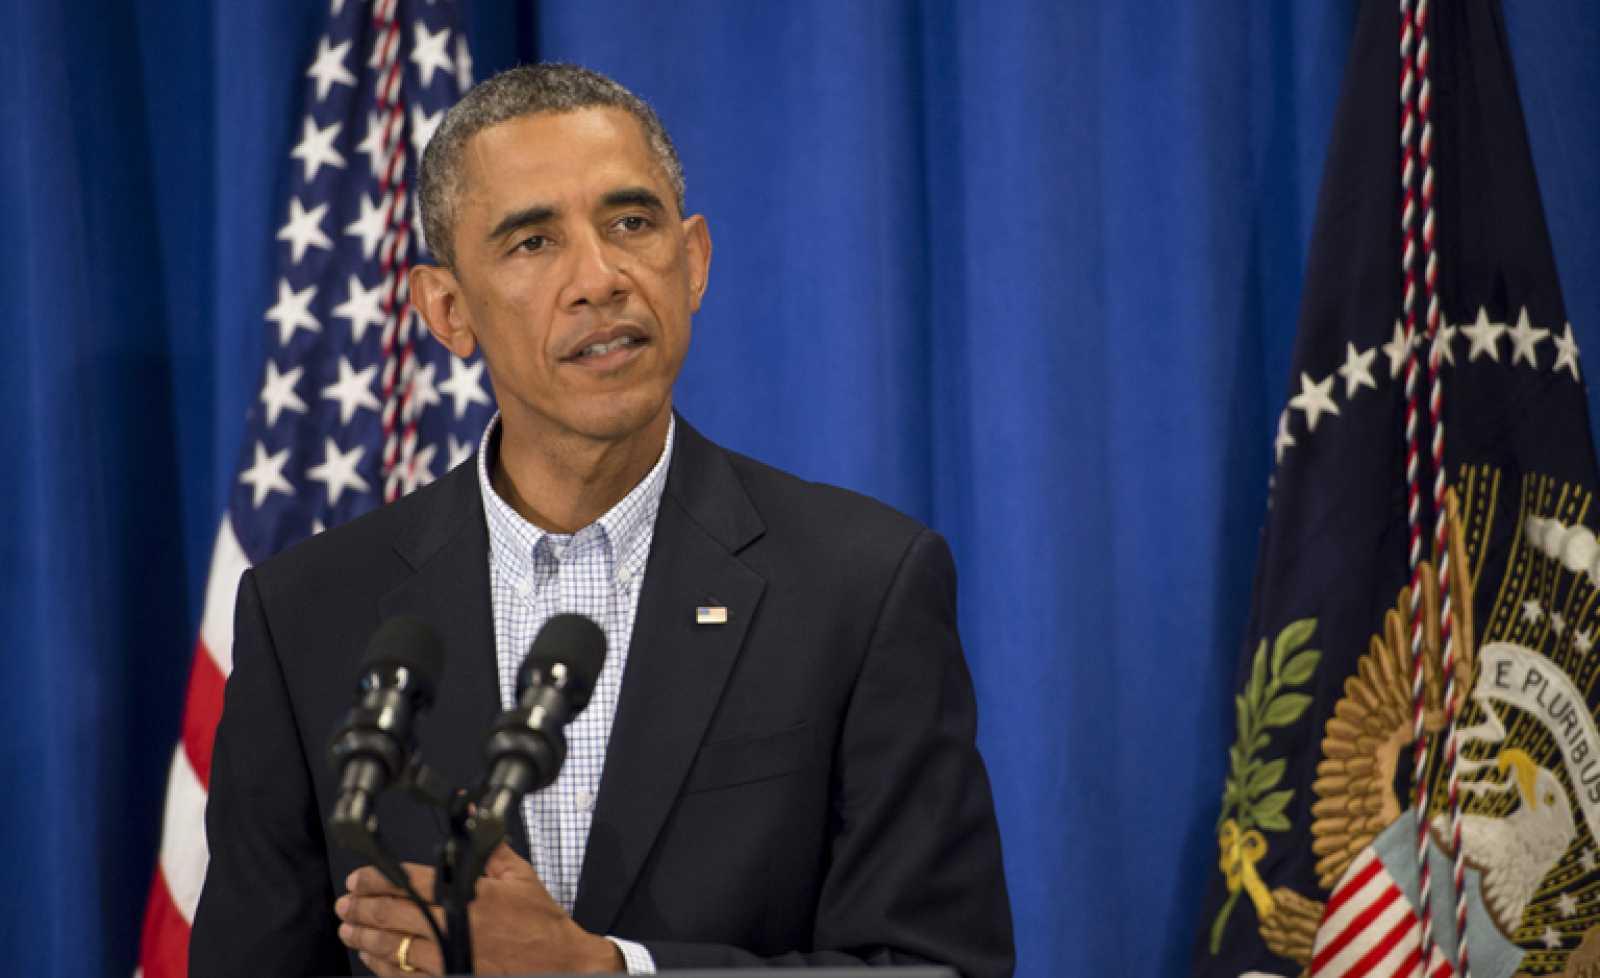 Obama asegura que el rescate en Irak no es necesario, pero continuará los bombardeos